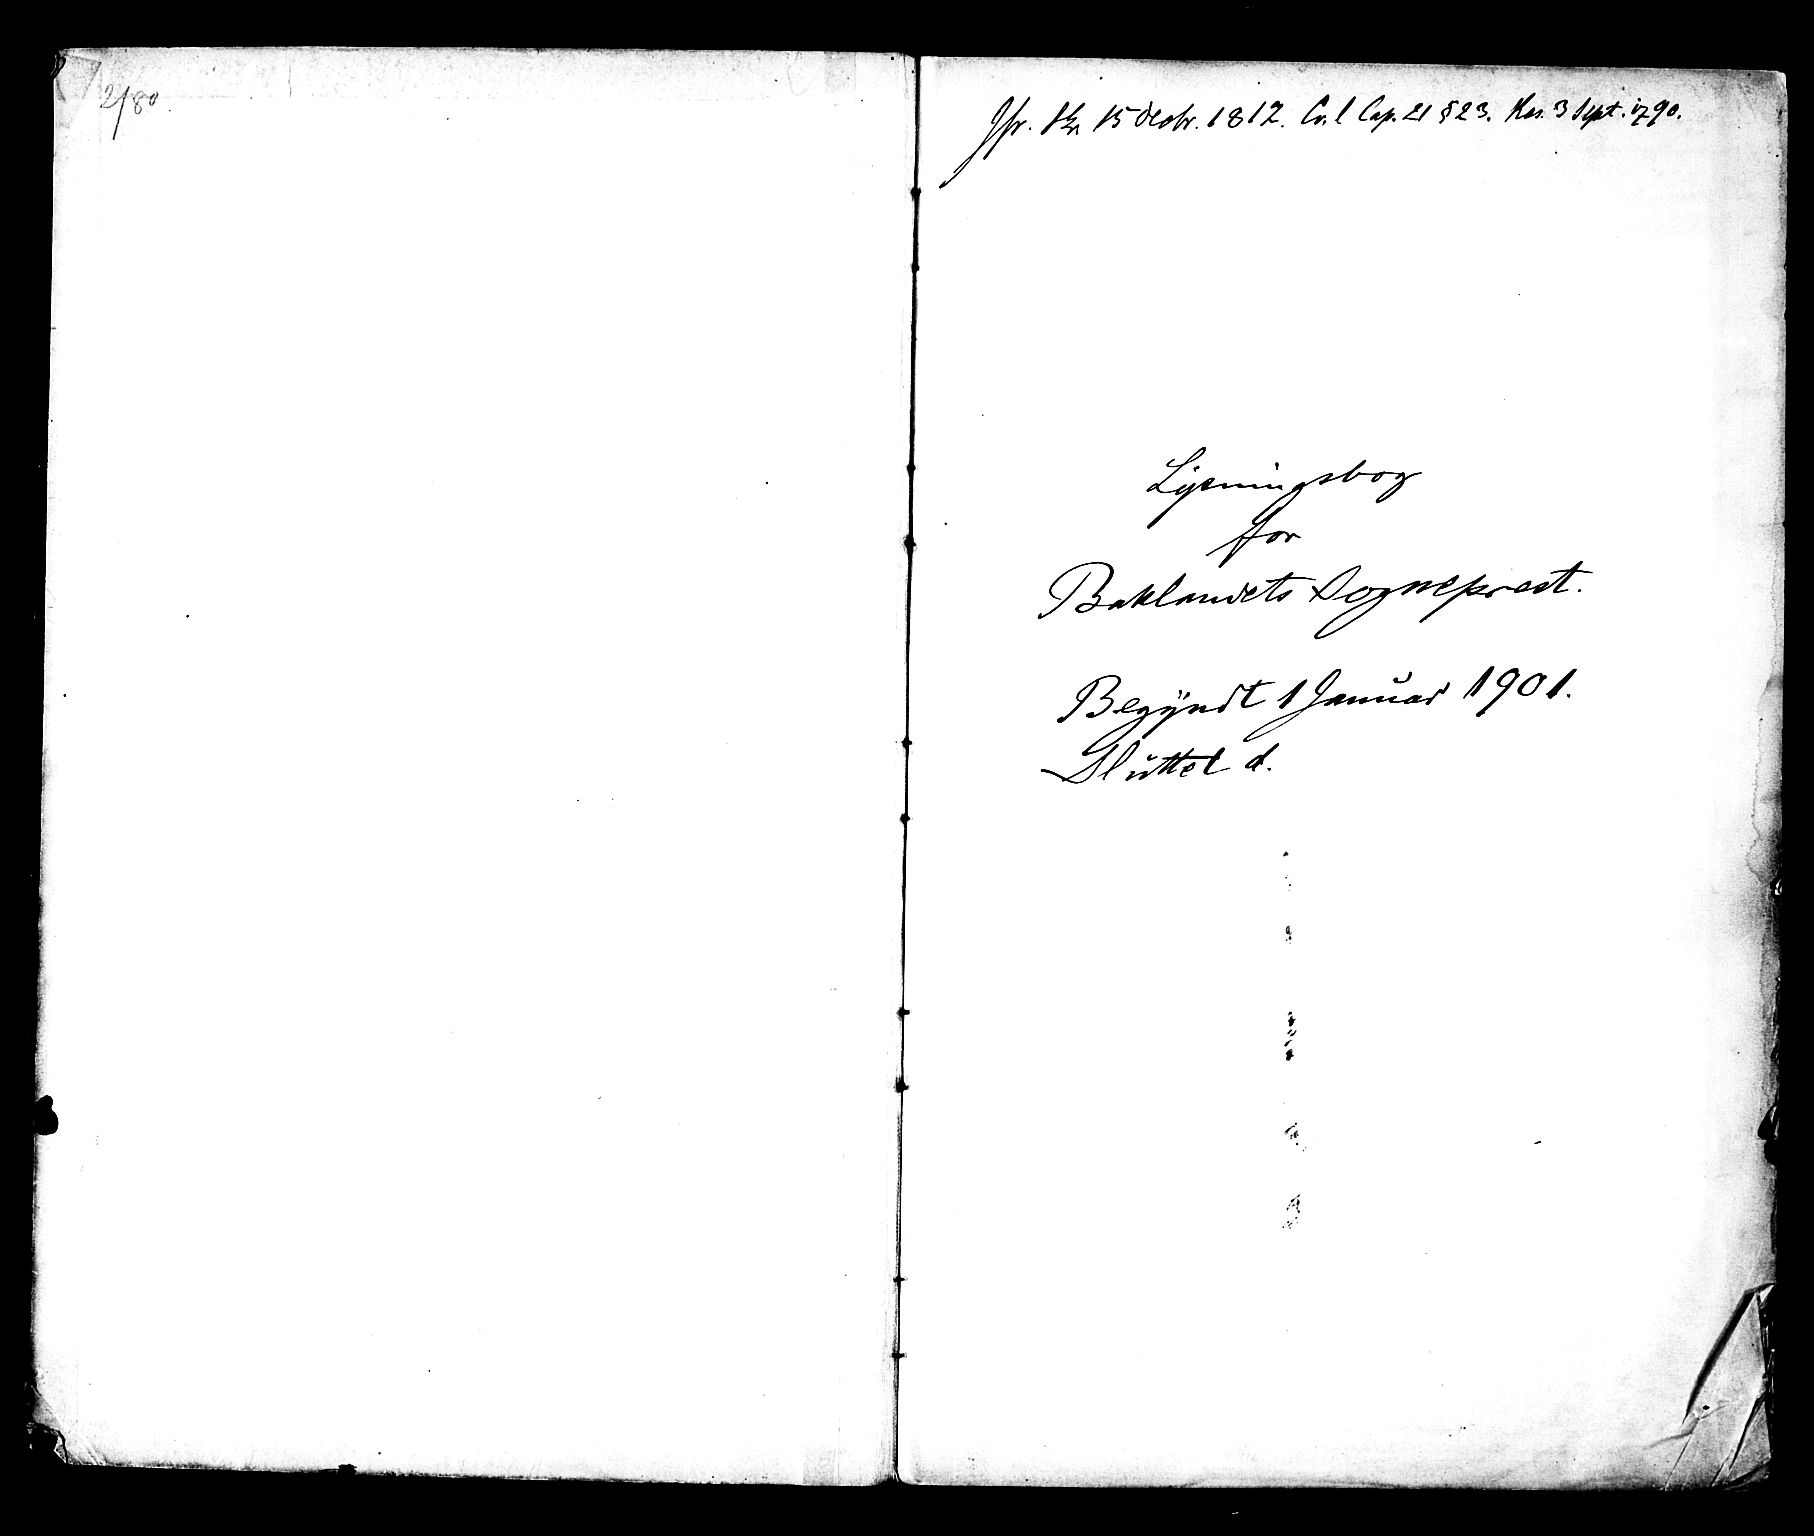 SAT, Ministerialprotokoller, klokkerbøker og fødselsregistre - Sør-Trøndelag, 604/L0192: Ministerialbok nr. 604A13, 1901-1906